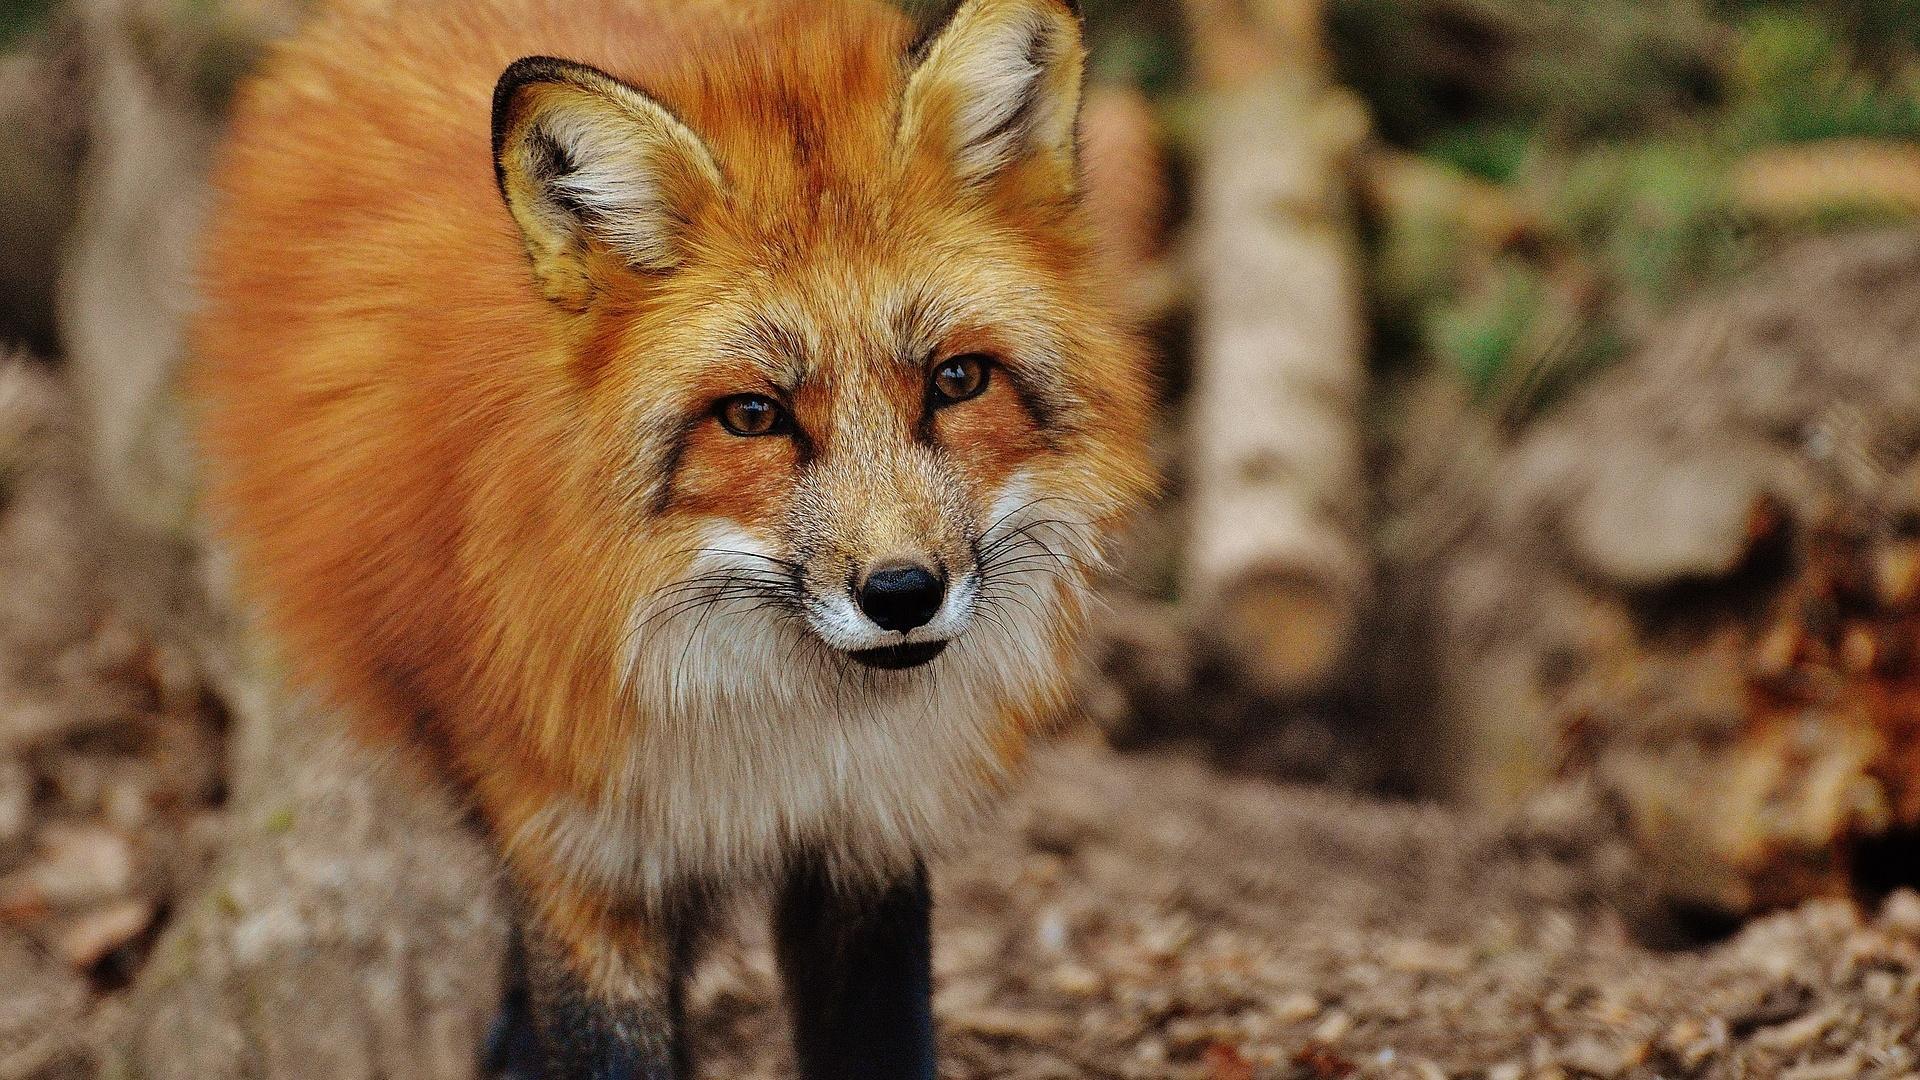 Das Krafttier Fuchs steht insbesondere für eine ausgerpägte Schläue und Anpassungsfähigkeit.